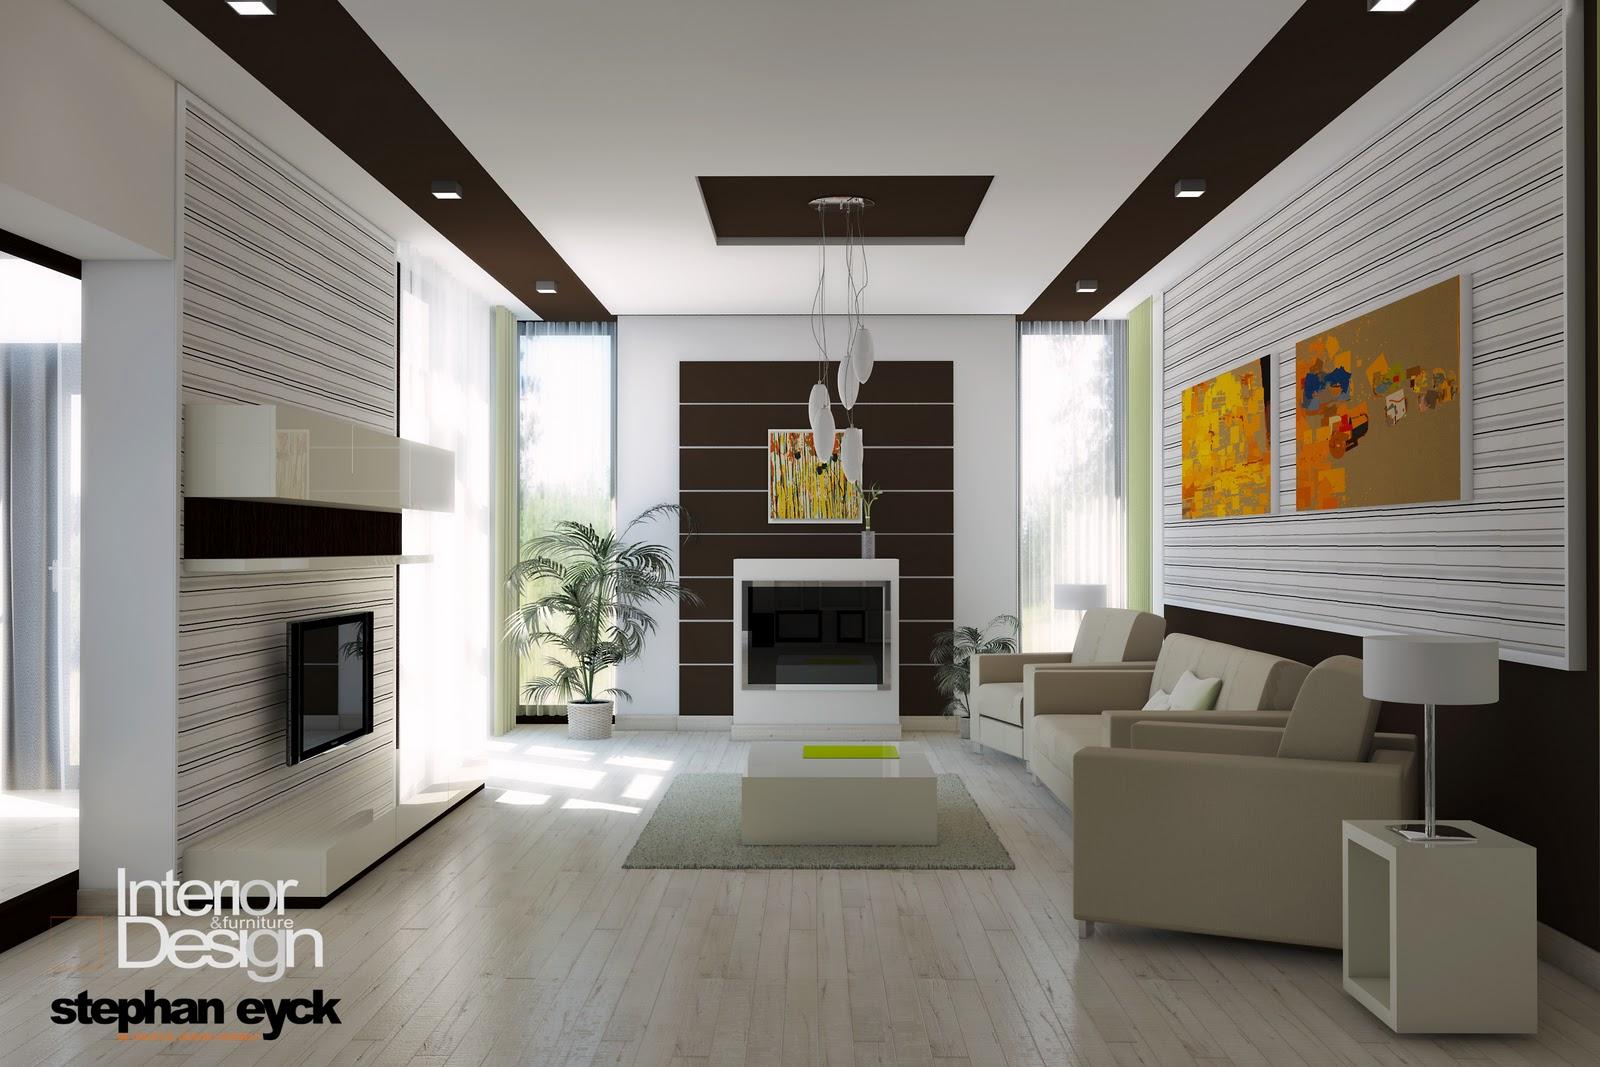 Design interior casa bucuresti livingroom - Intorio dijayin ...